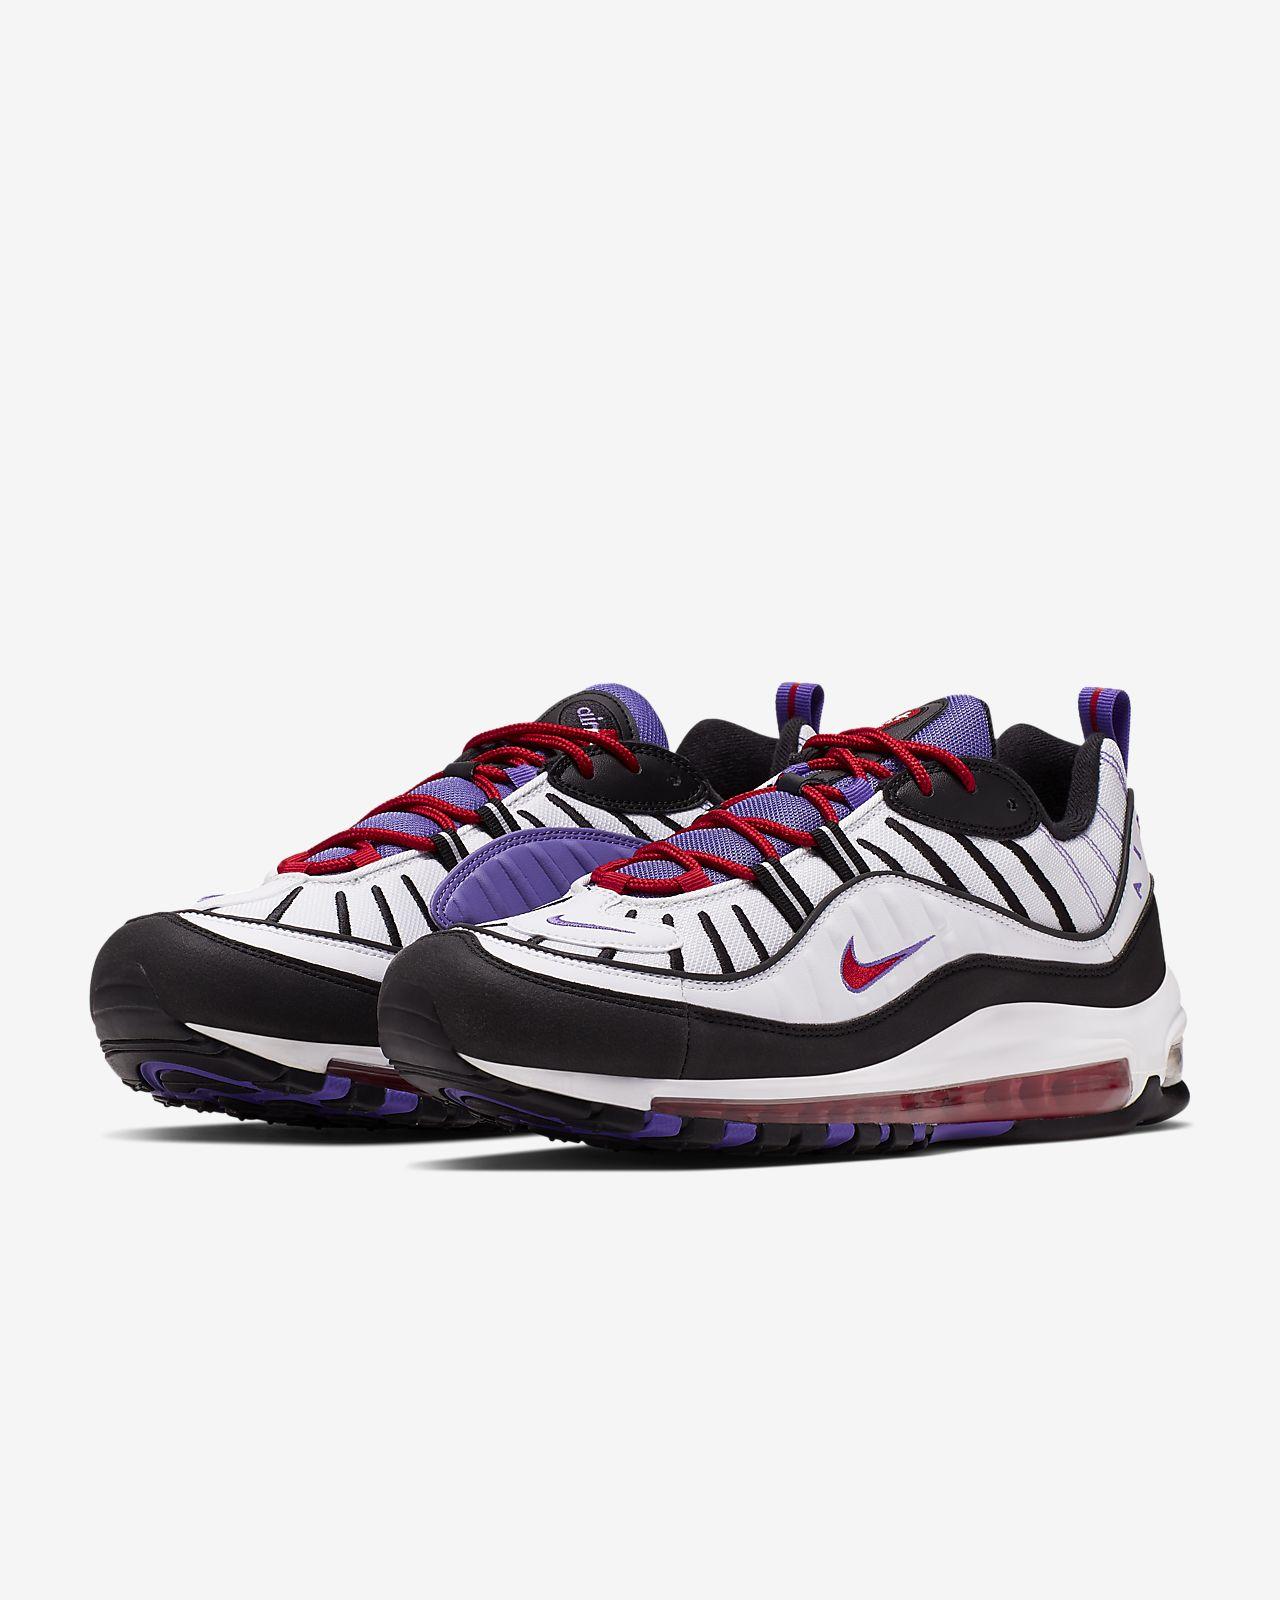 Dbcxoer Nike 98 Pour Max Homme Air Chaussure c3A4jLq5SR